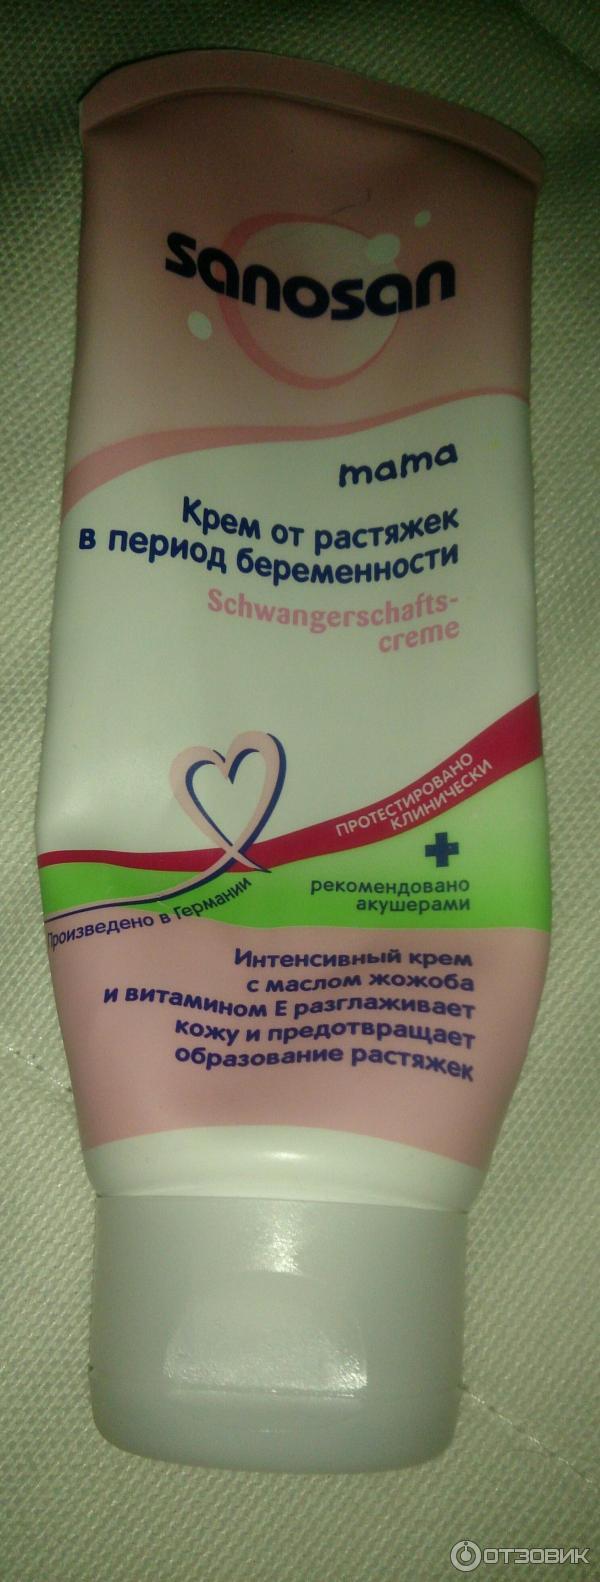 Крем против растяжек у беременных 10